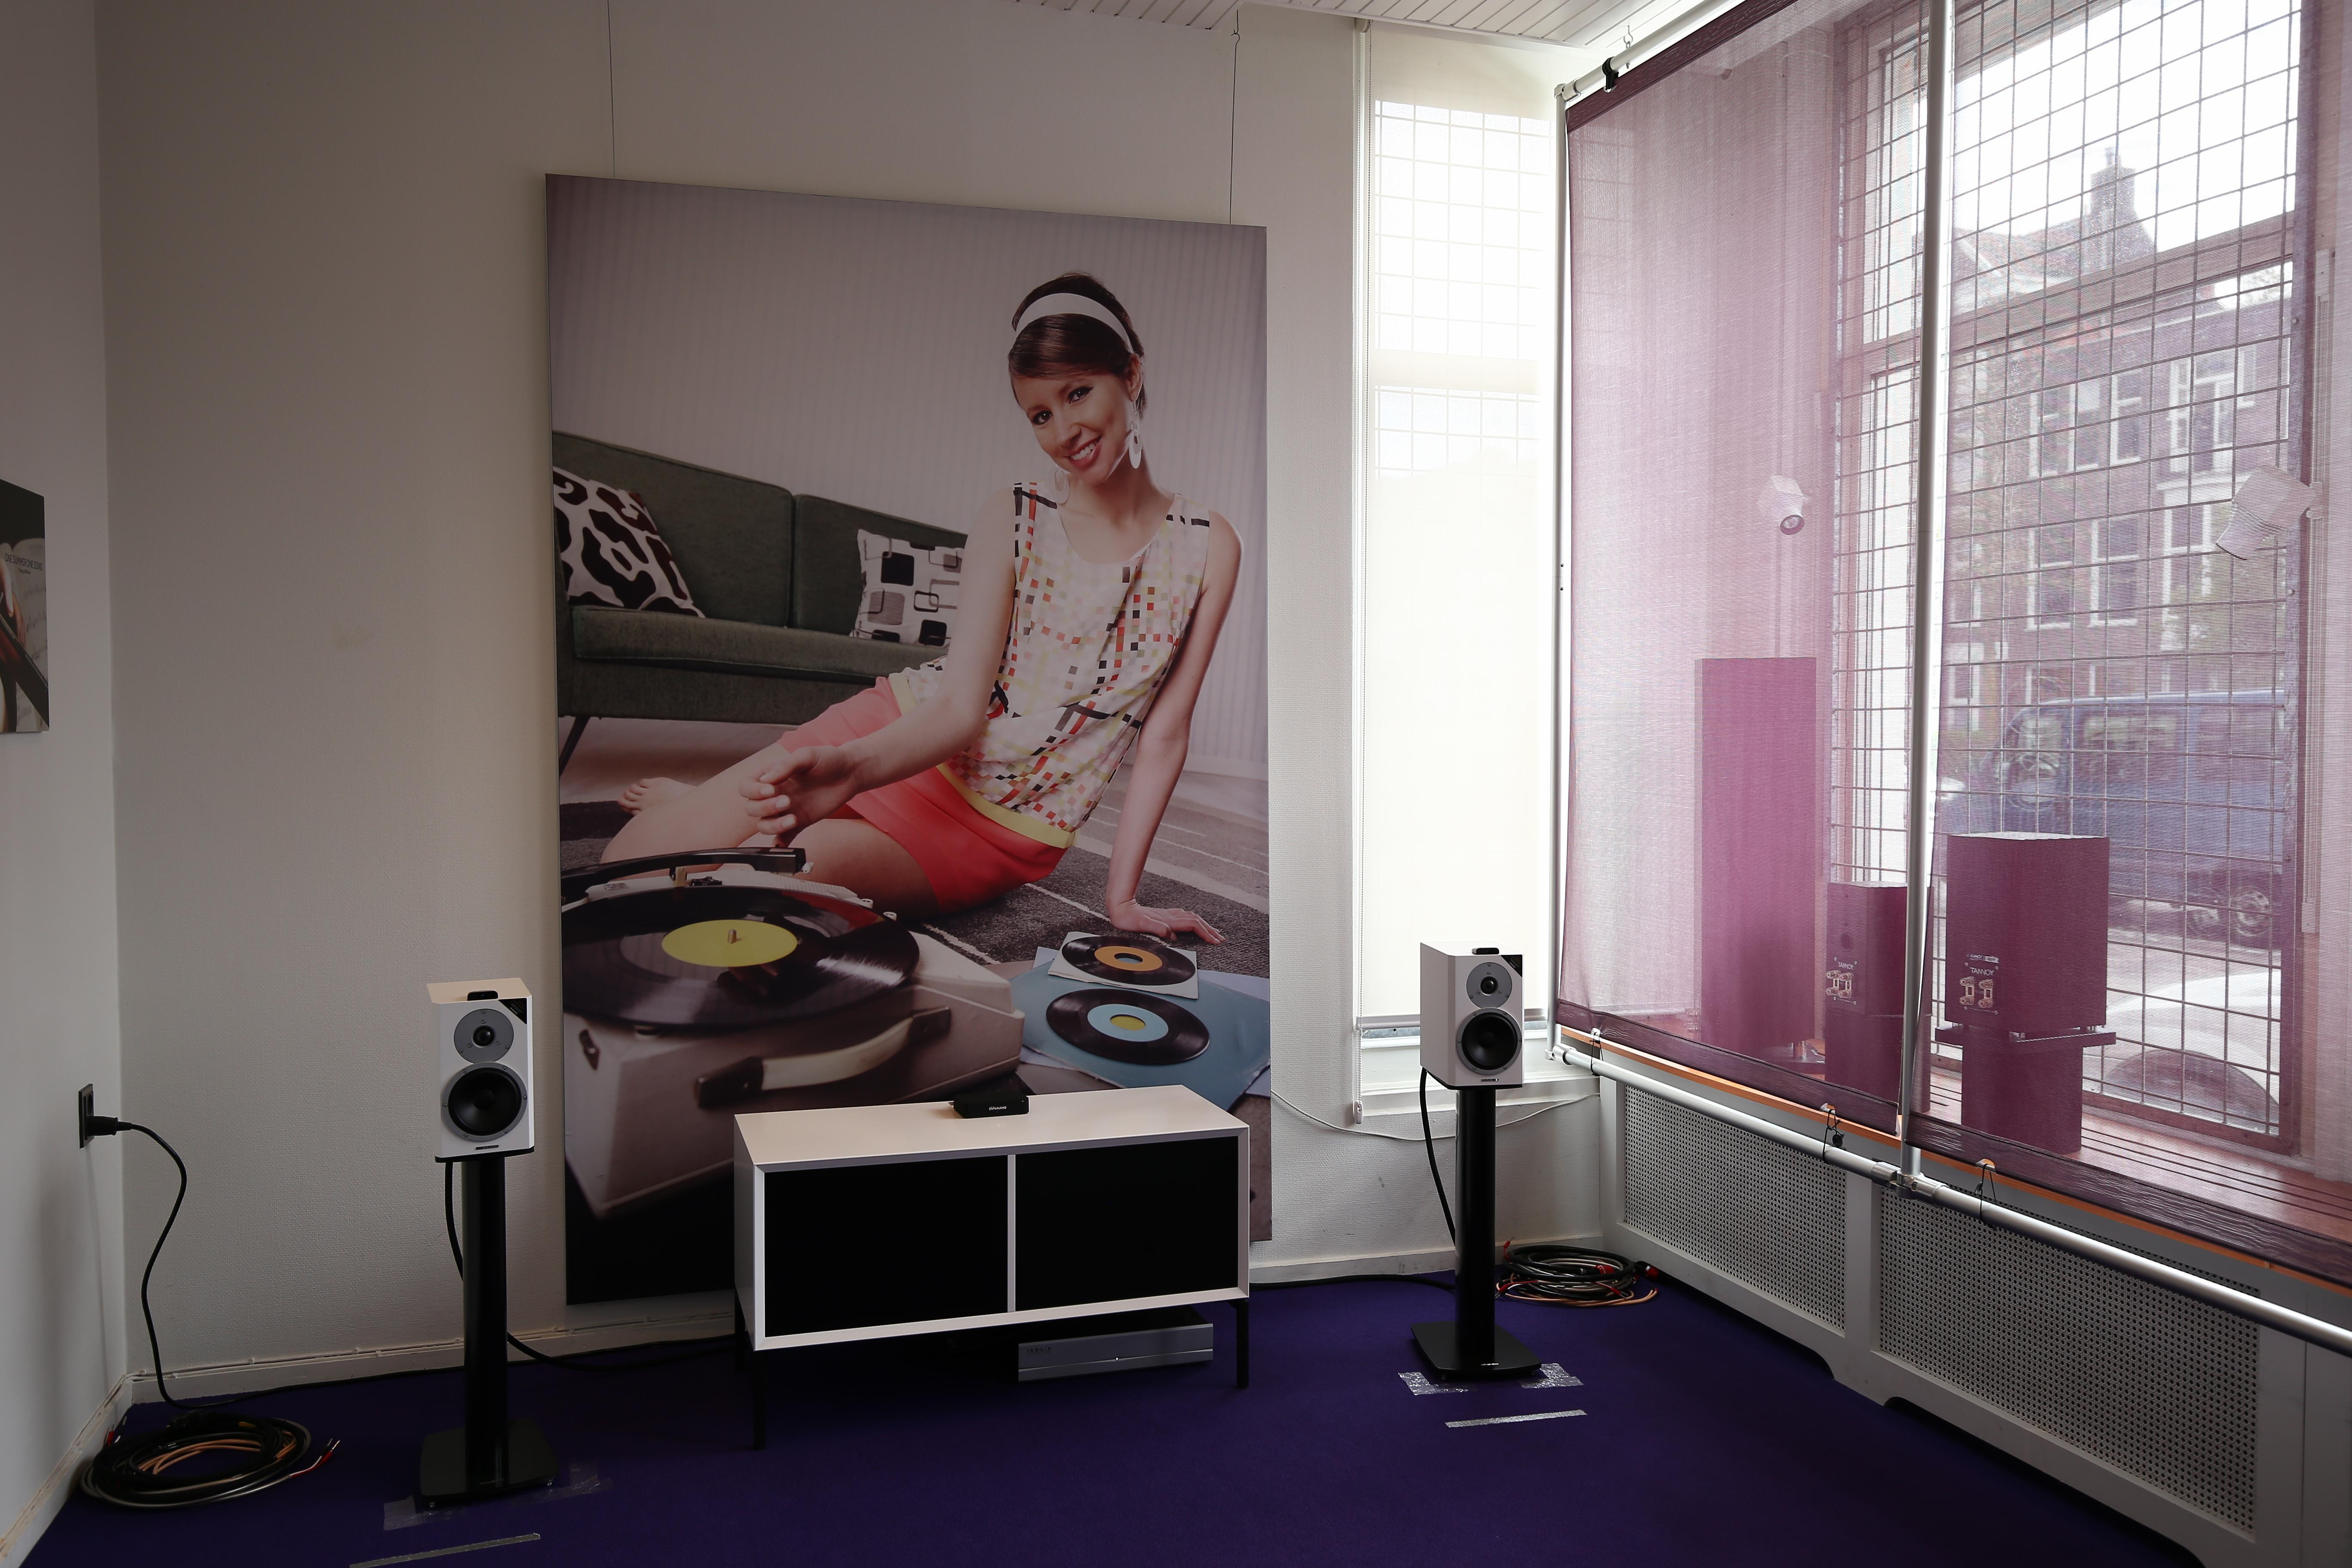 Luisterkamer Sound Gallery